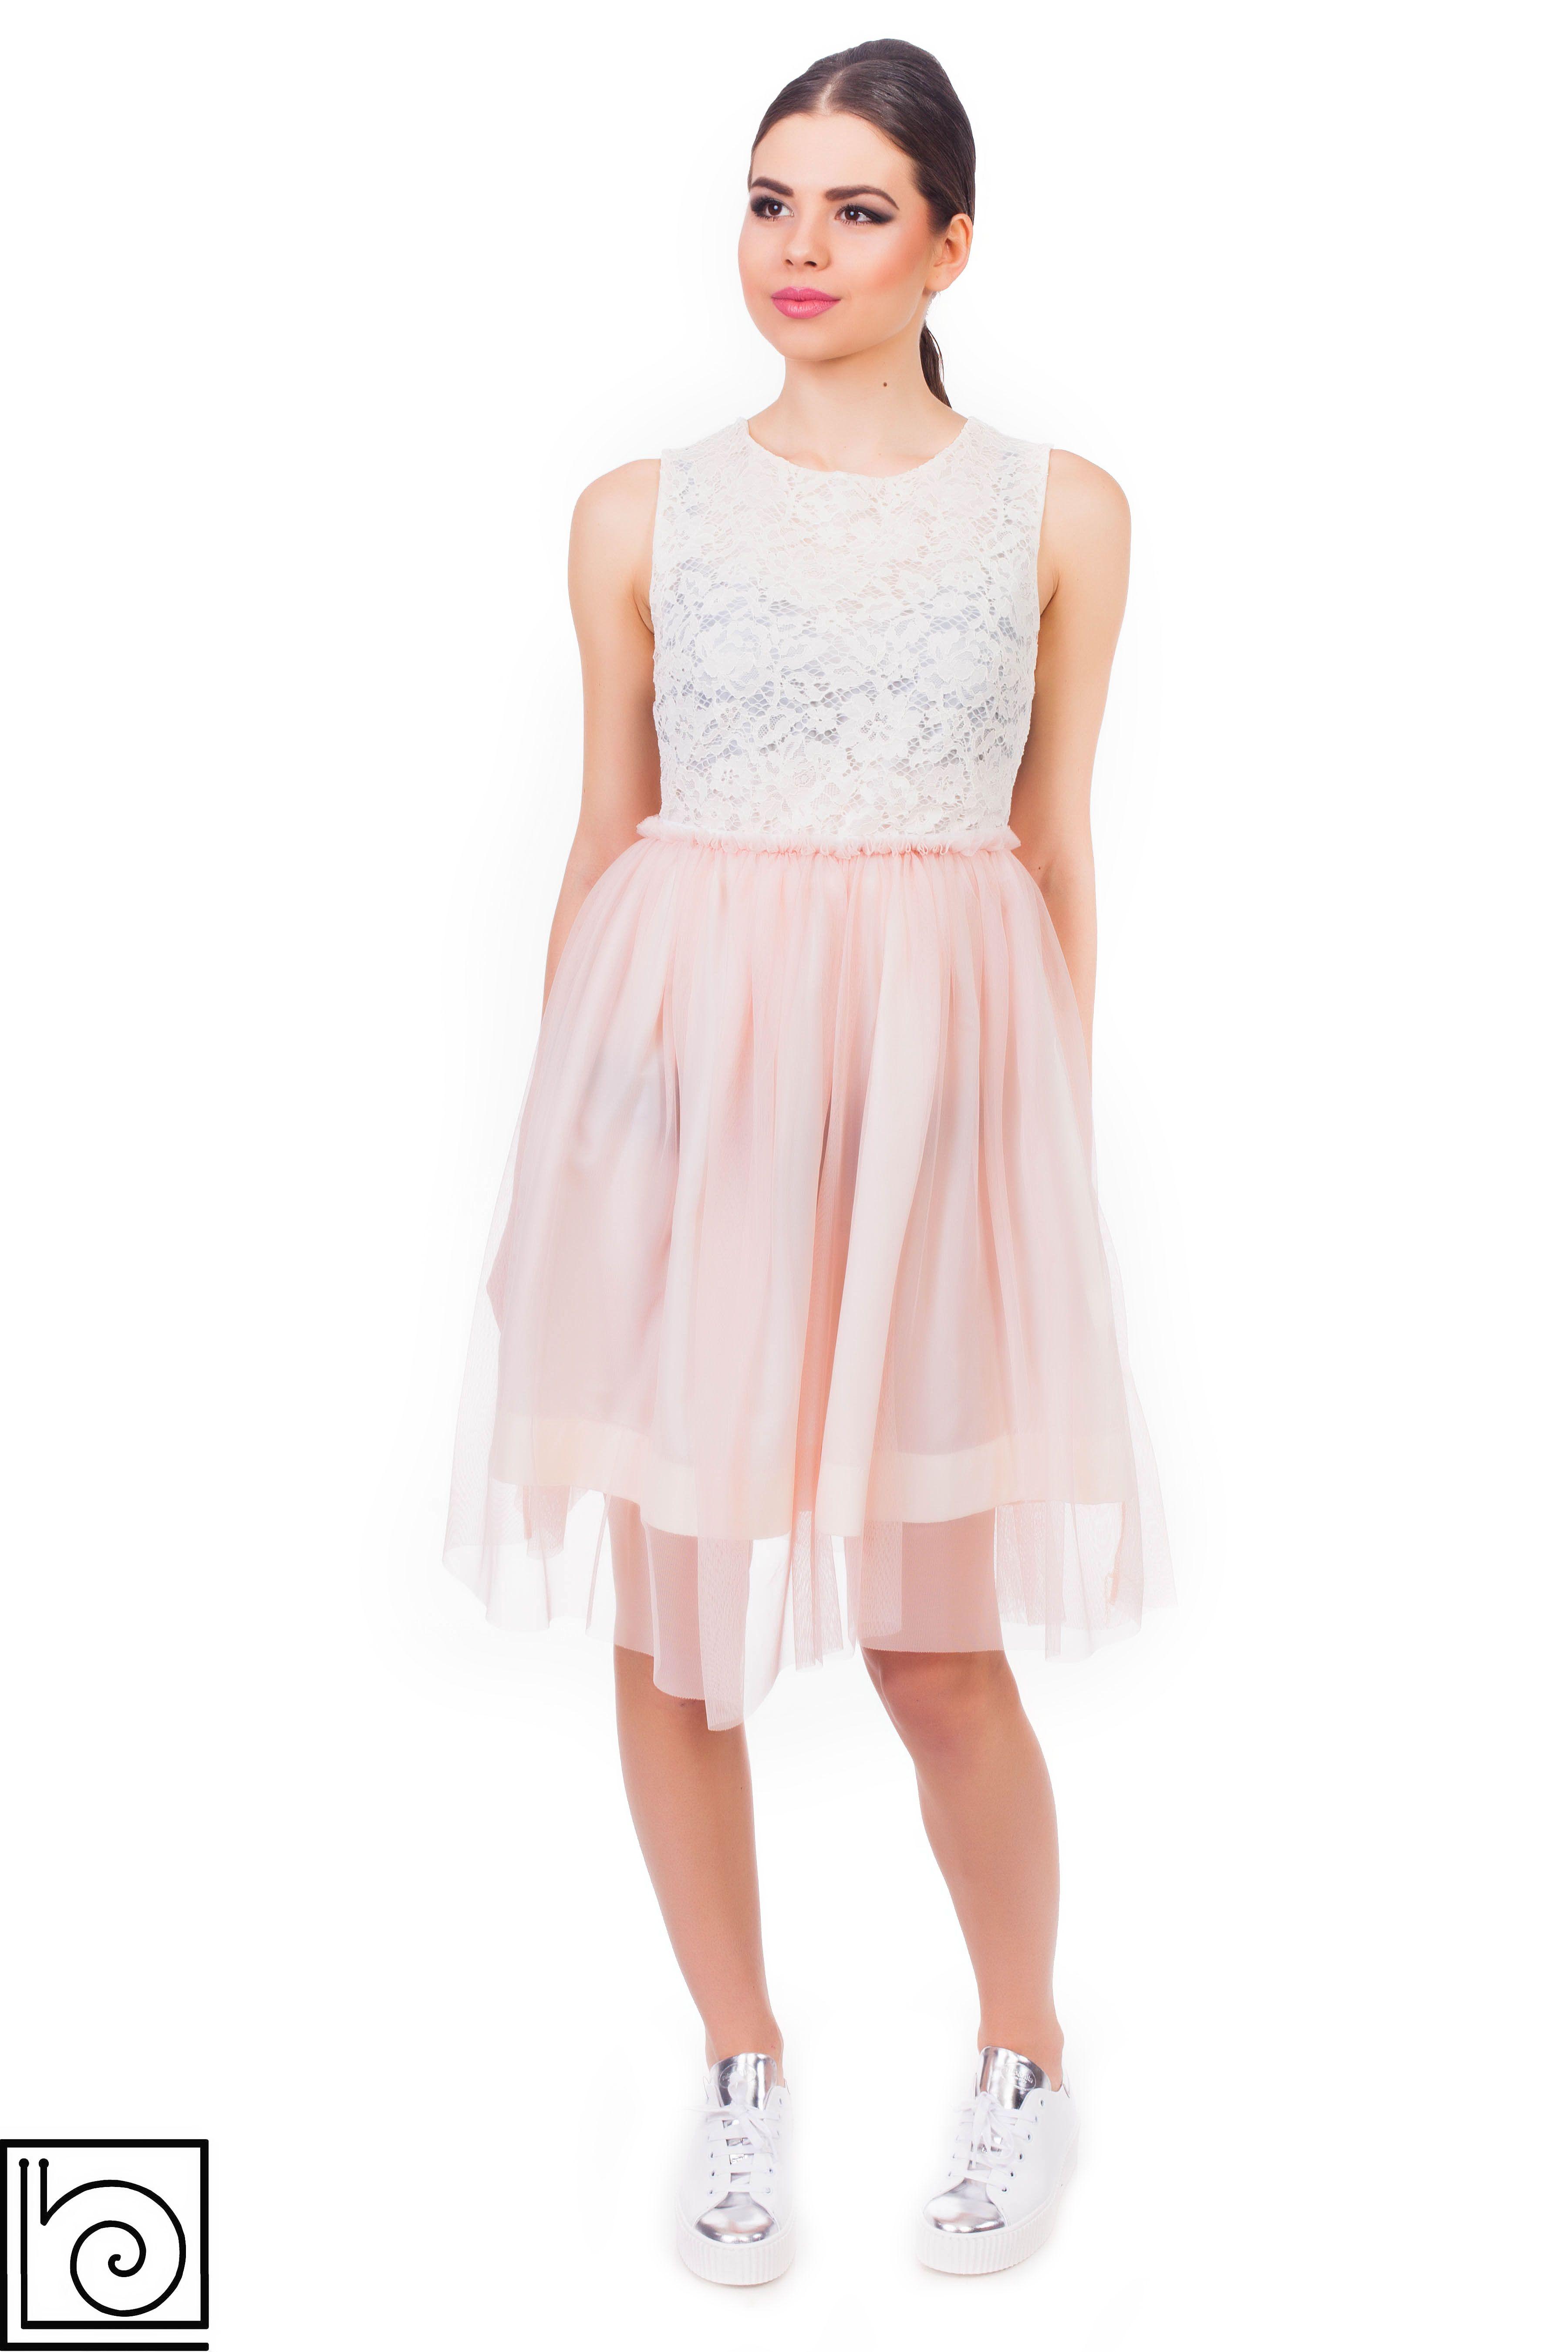 df1dc3246c4ae37 Платье нарядное. Топ кружевной бежевый без рукавов. На спинке молния. Юбка  из фатина, нежно-розового цвета, внизу подкладка.Marylay. Италия.